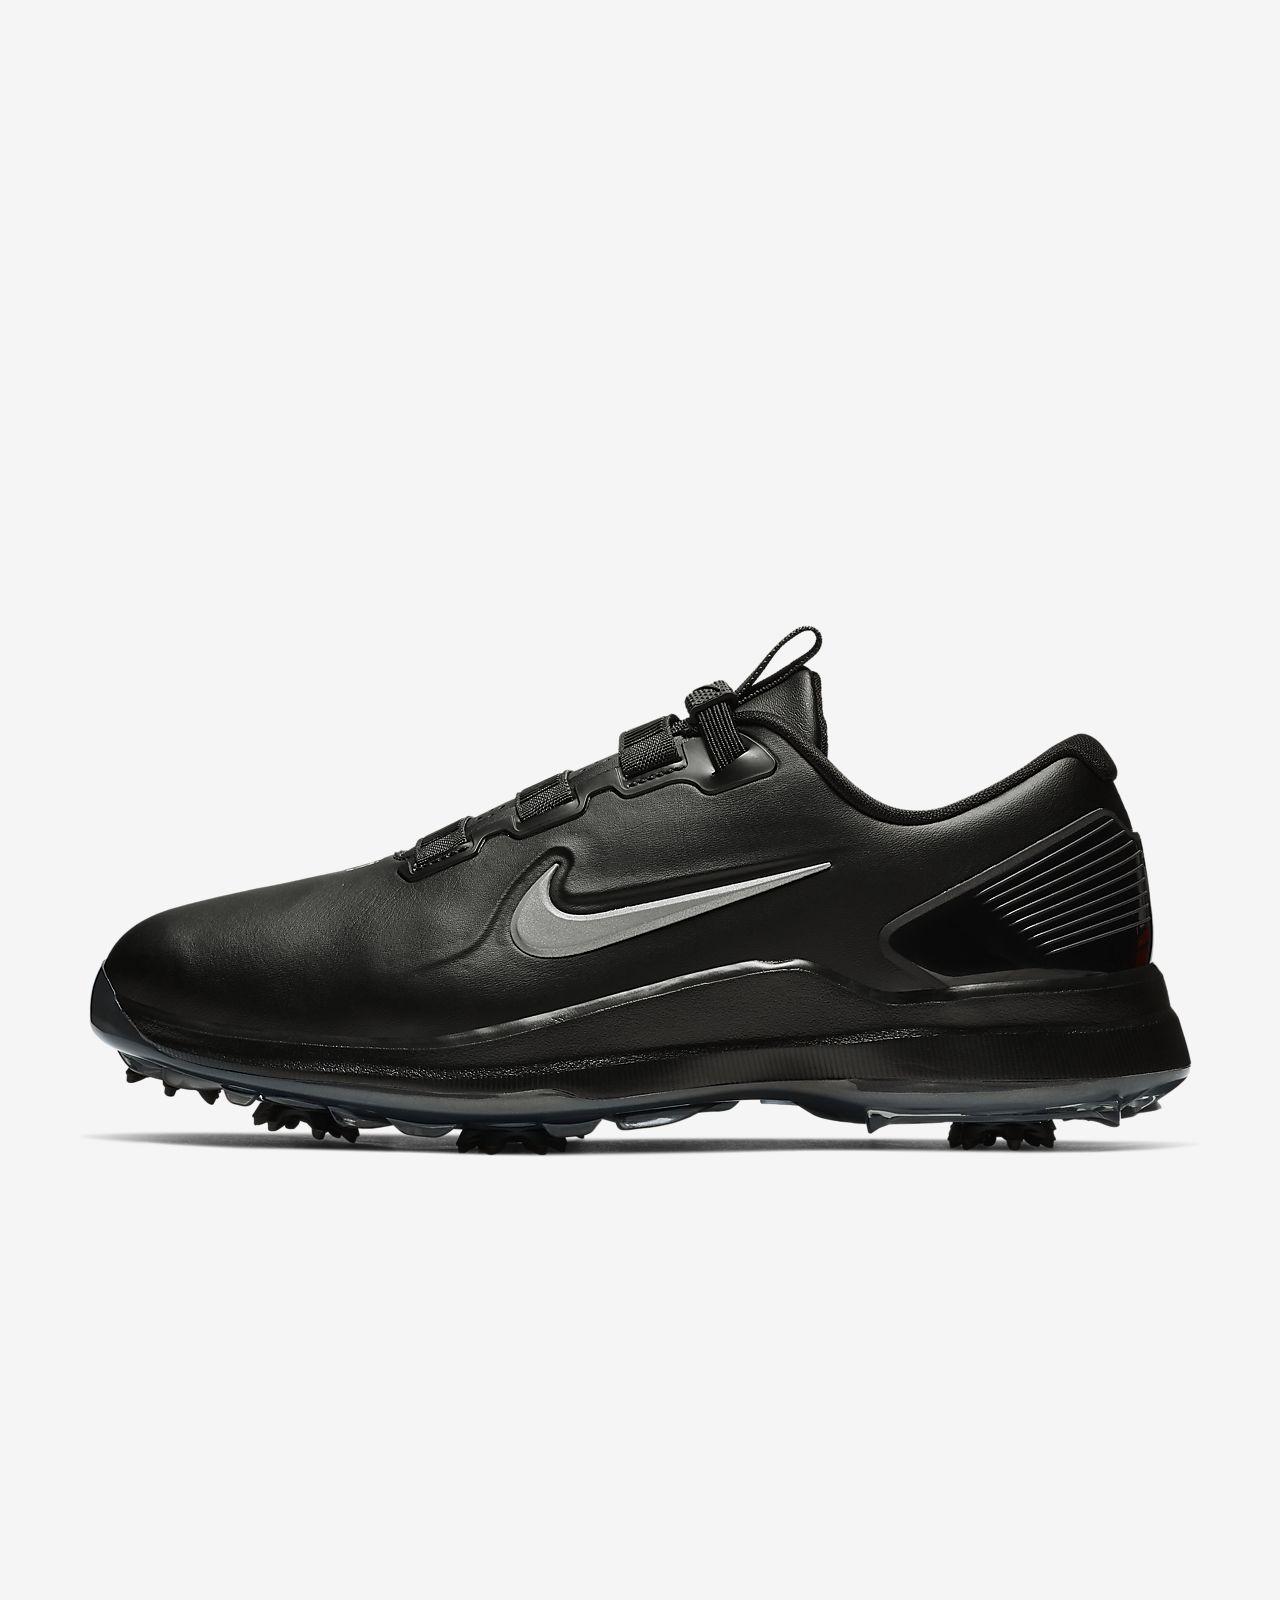 Nike TW71 Fast Fit (W)男子高尔夫球鞋(宽版)